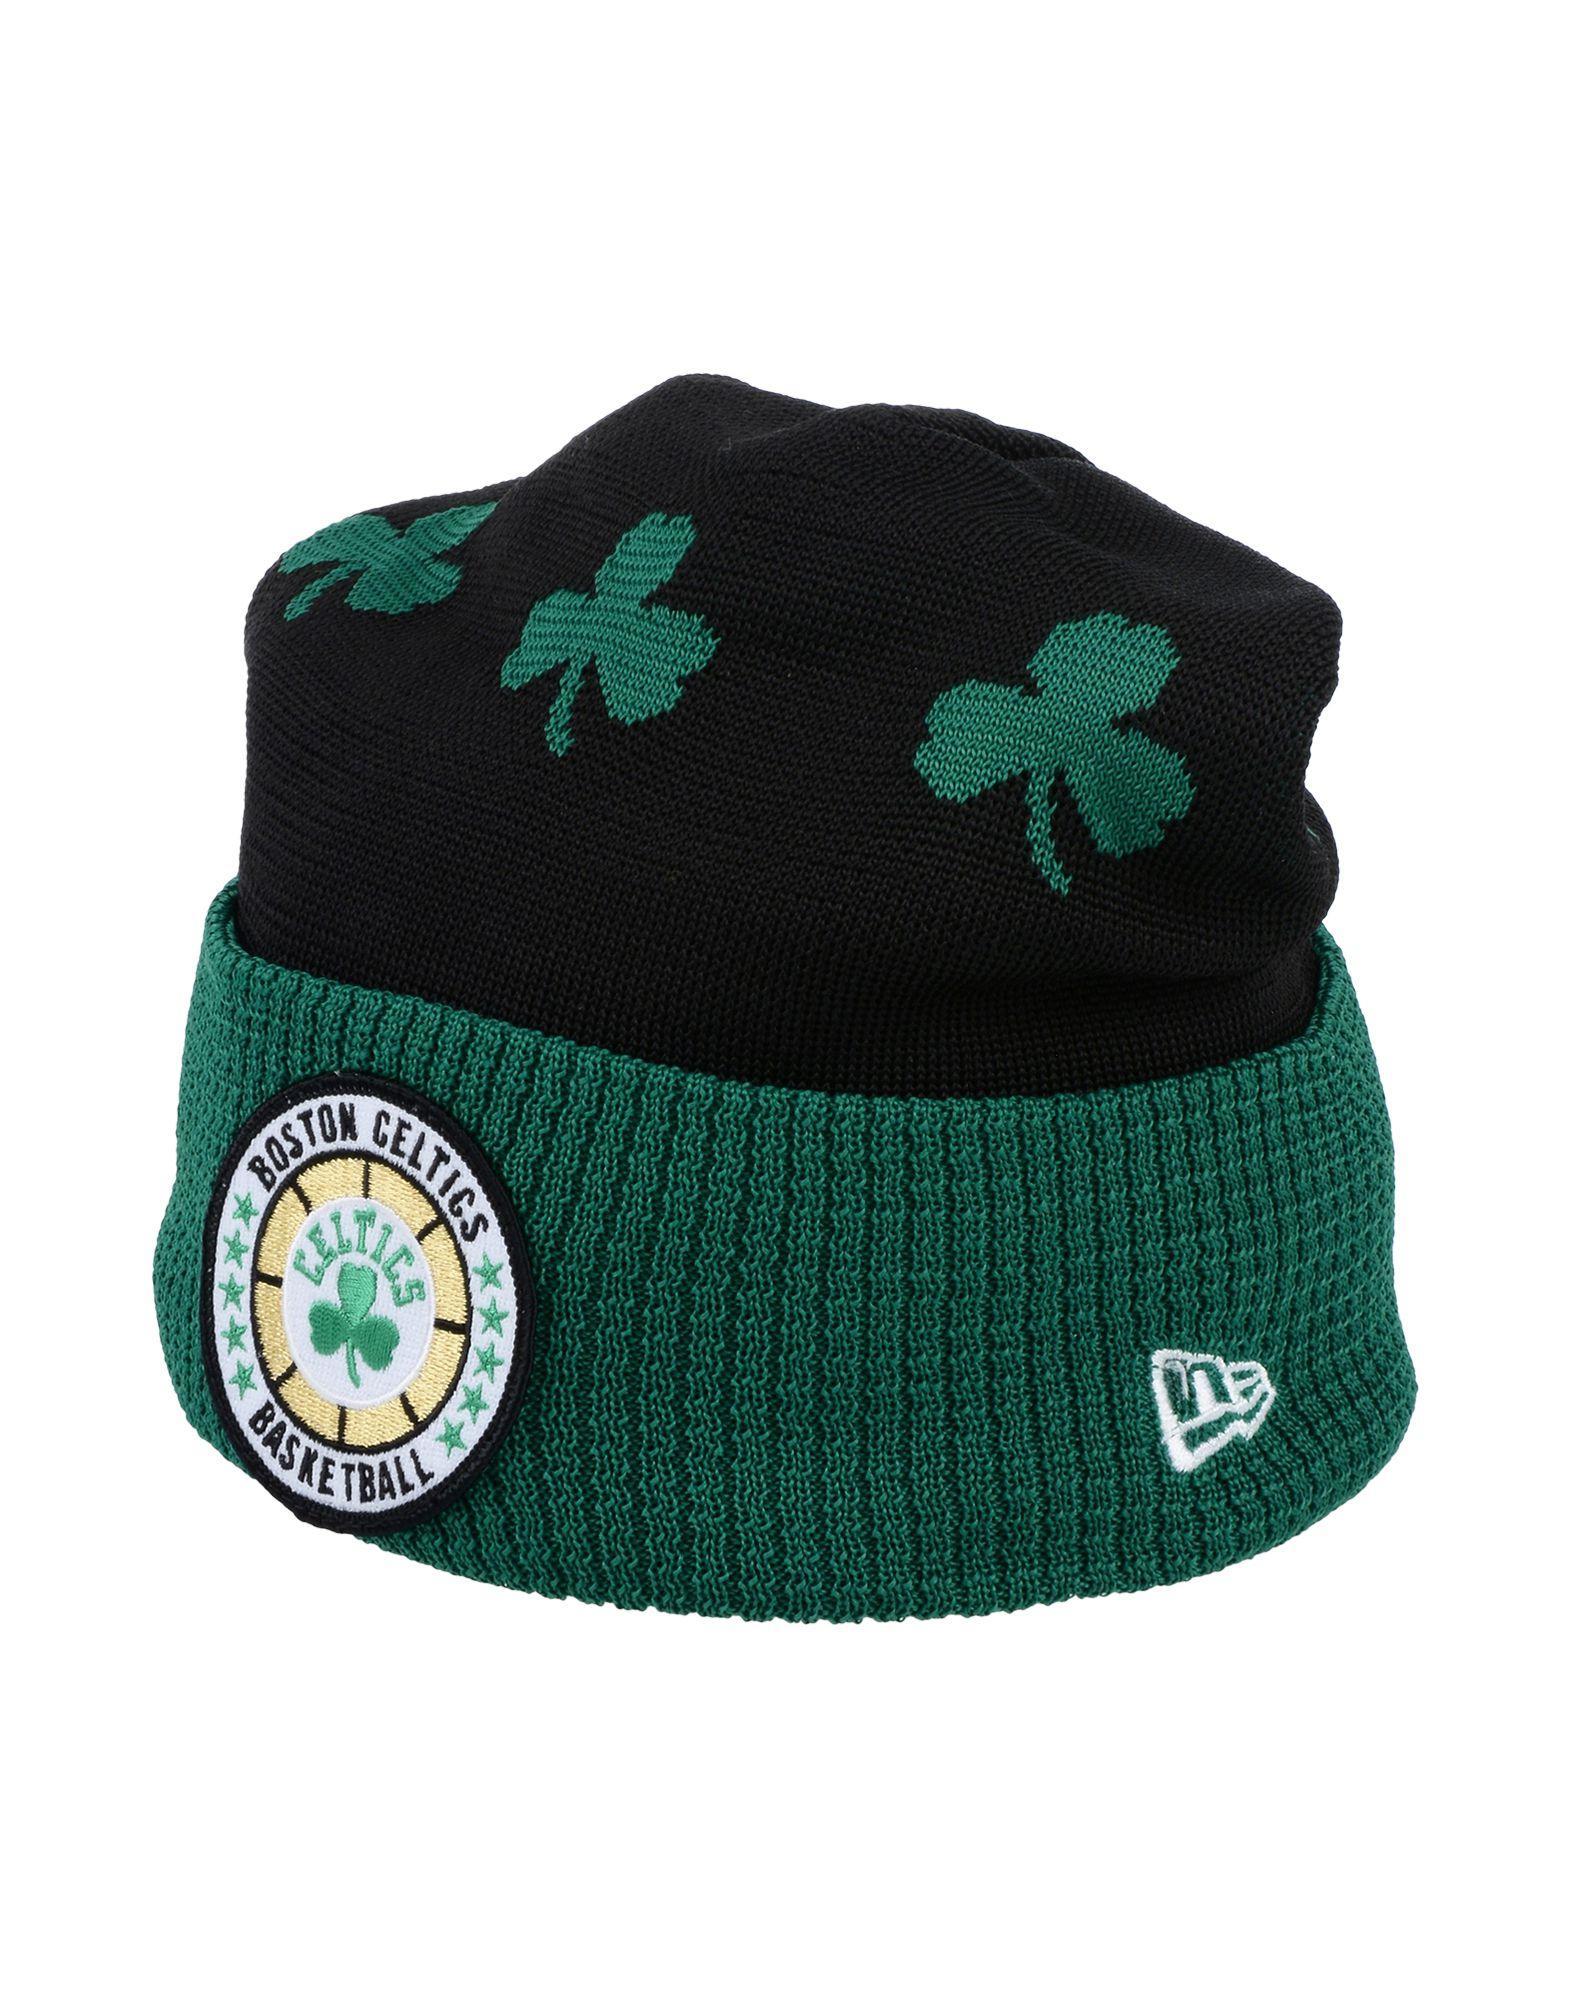 《期間限定 セール開催中》NEW ERA メンズ 帽子 グリーン one size ポリエステル 100%